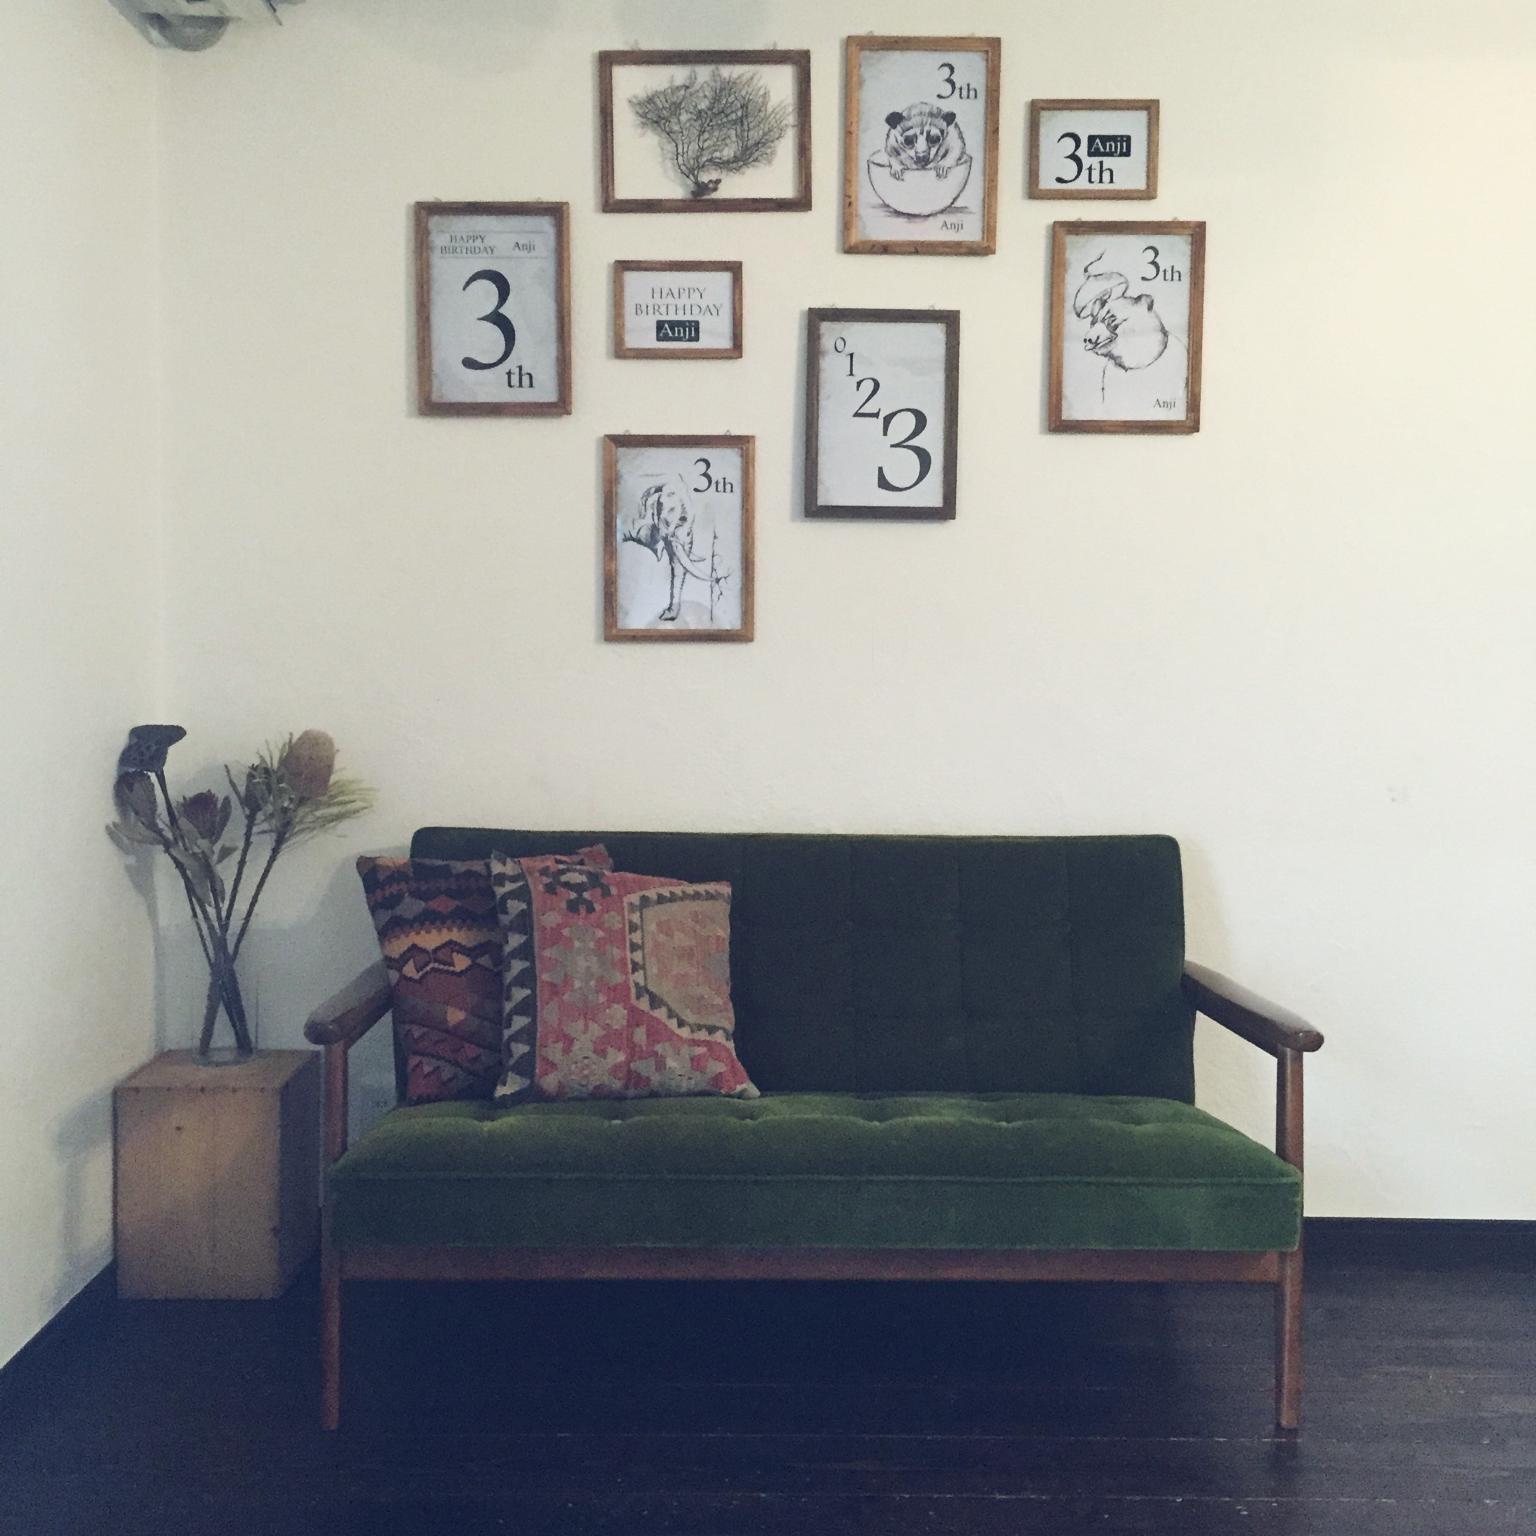 アートもポスターも素敵♪壁にフレームを飾るコツを紹介